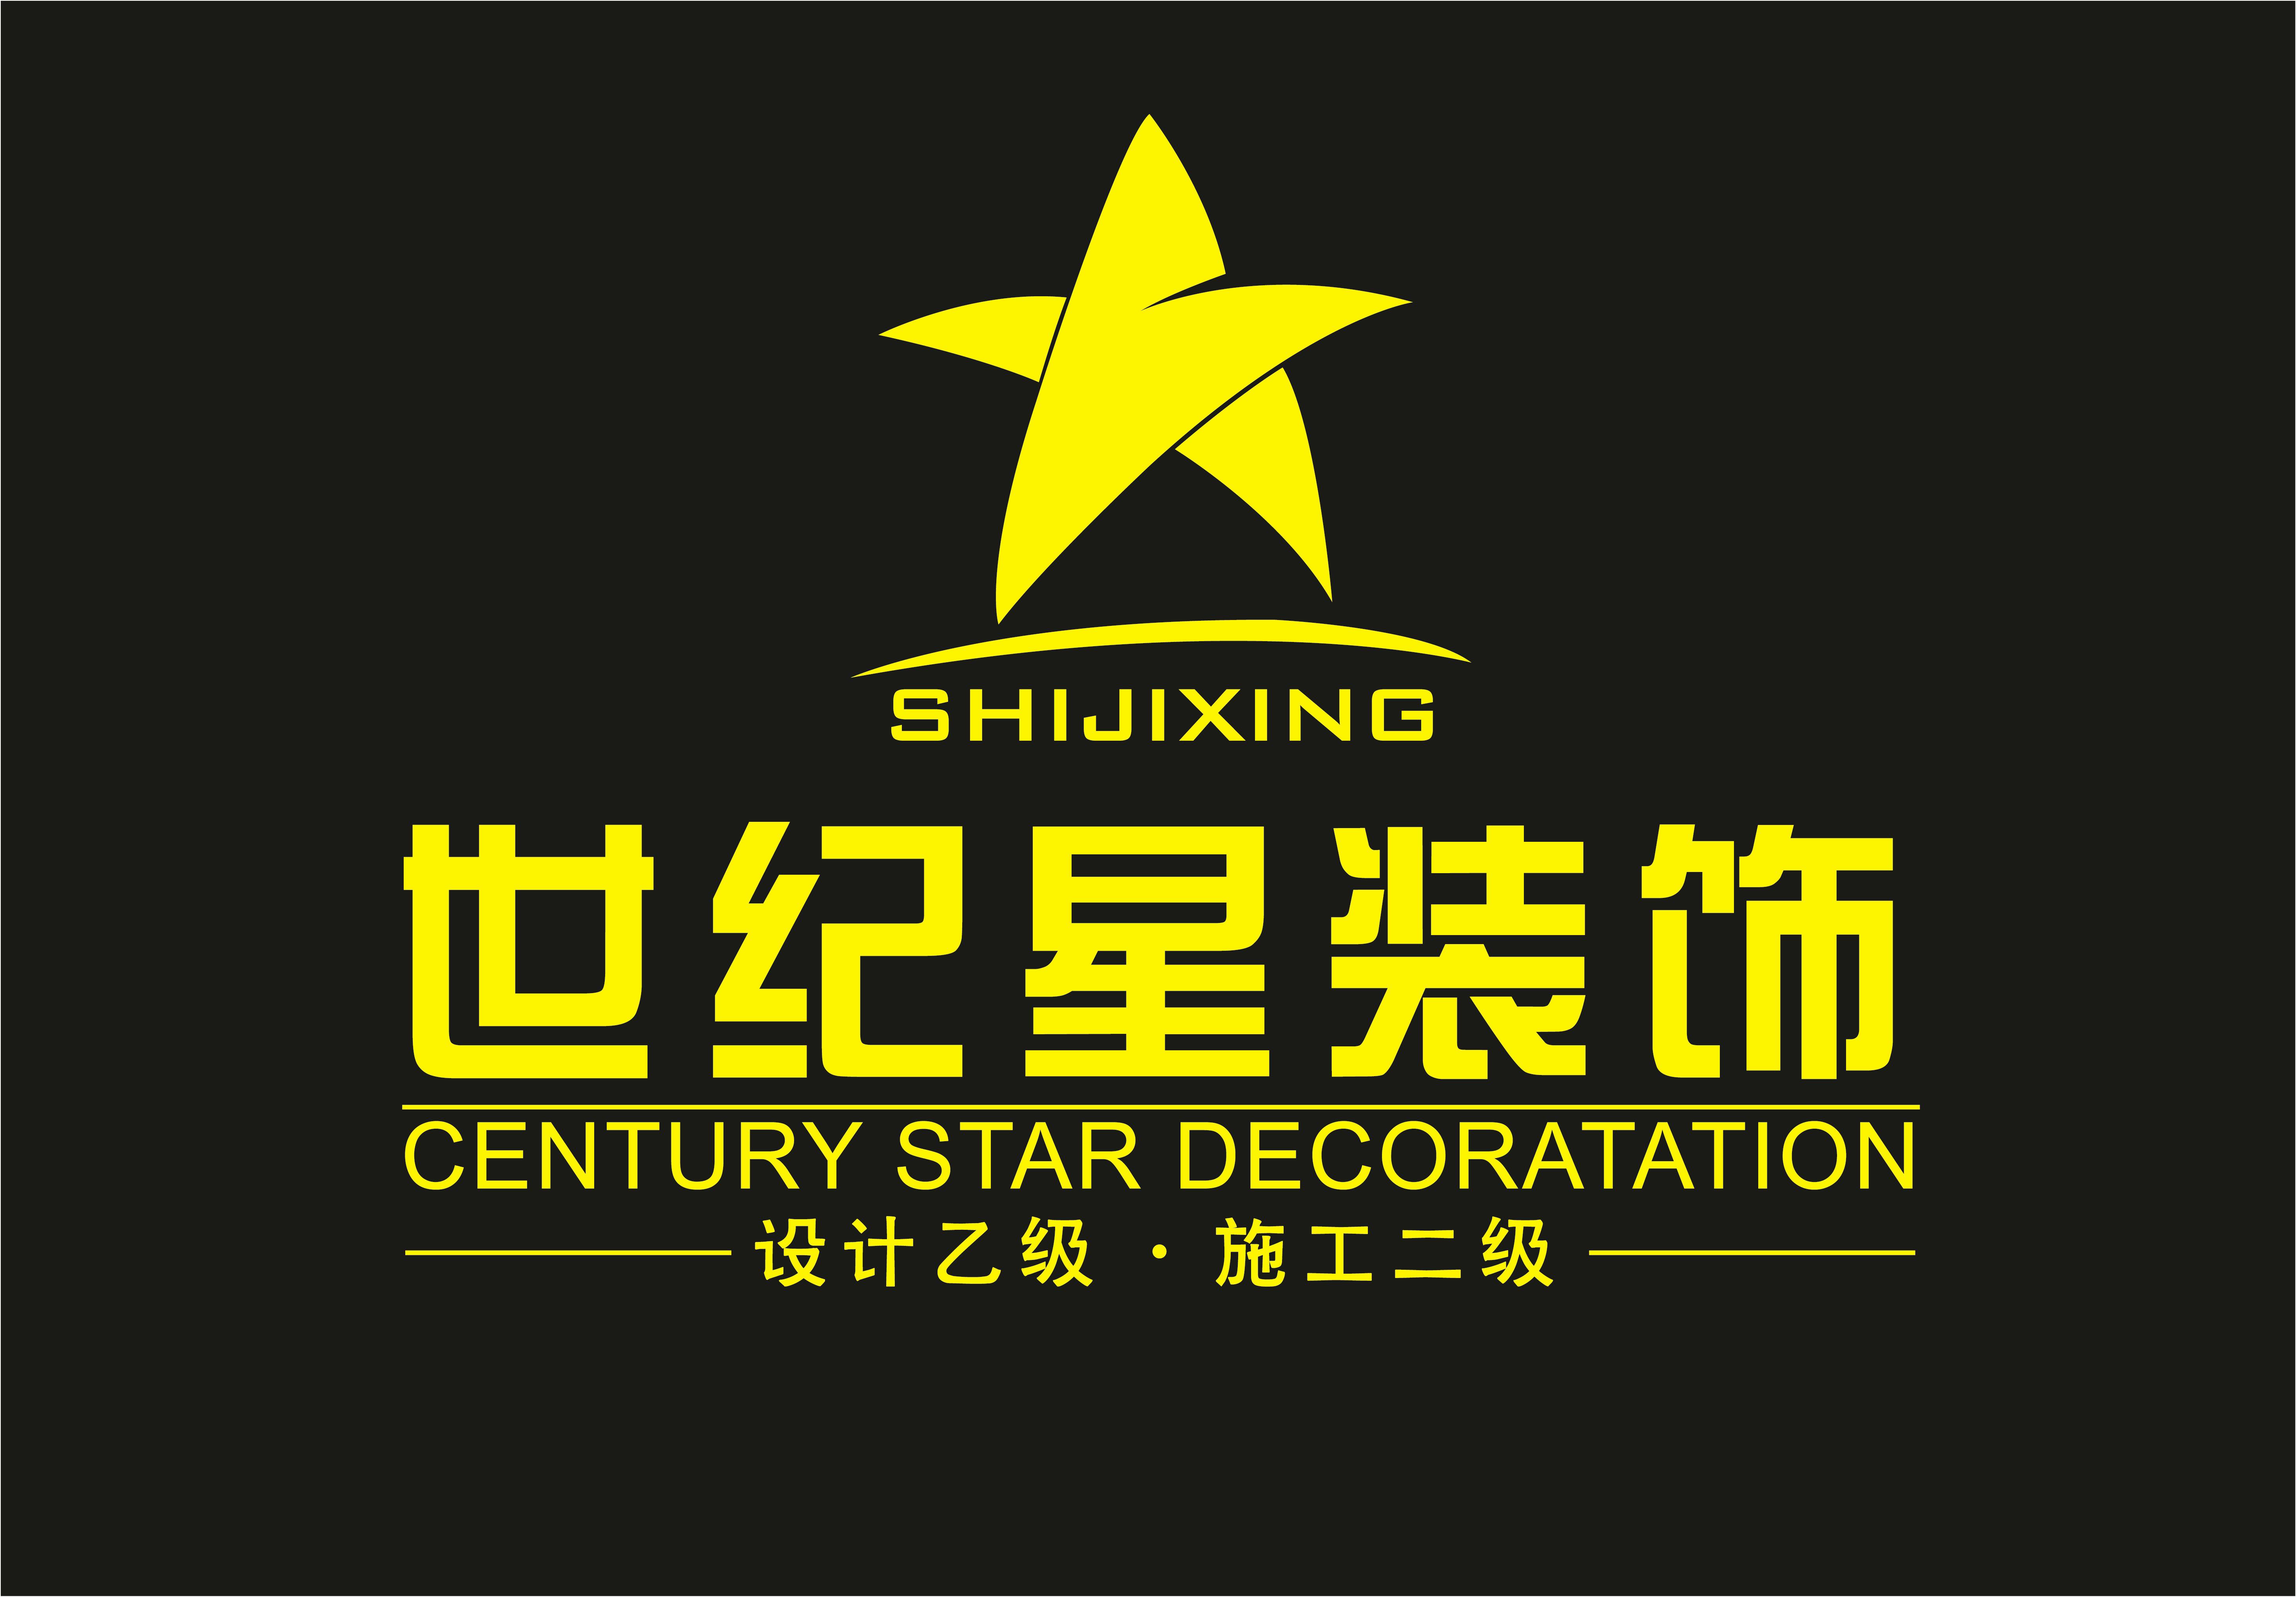 深圳世纪星装饰有限公司